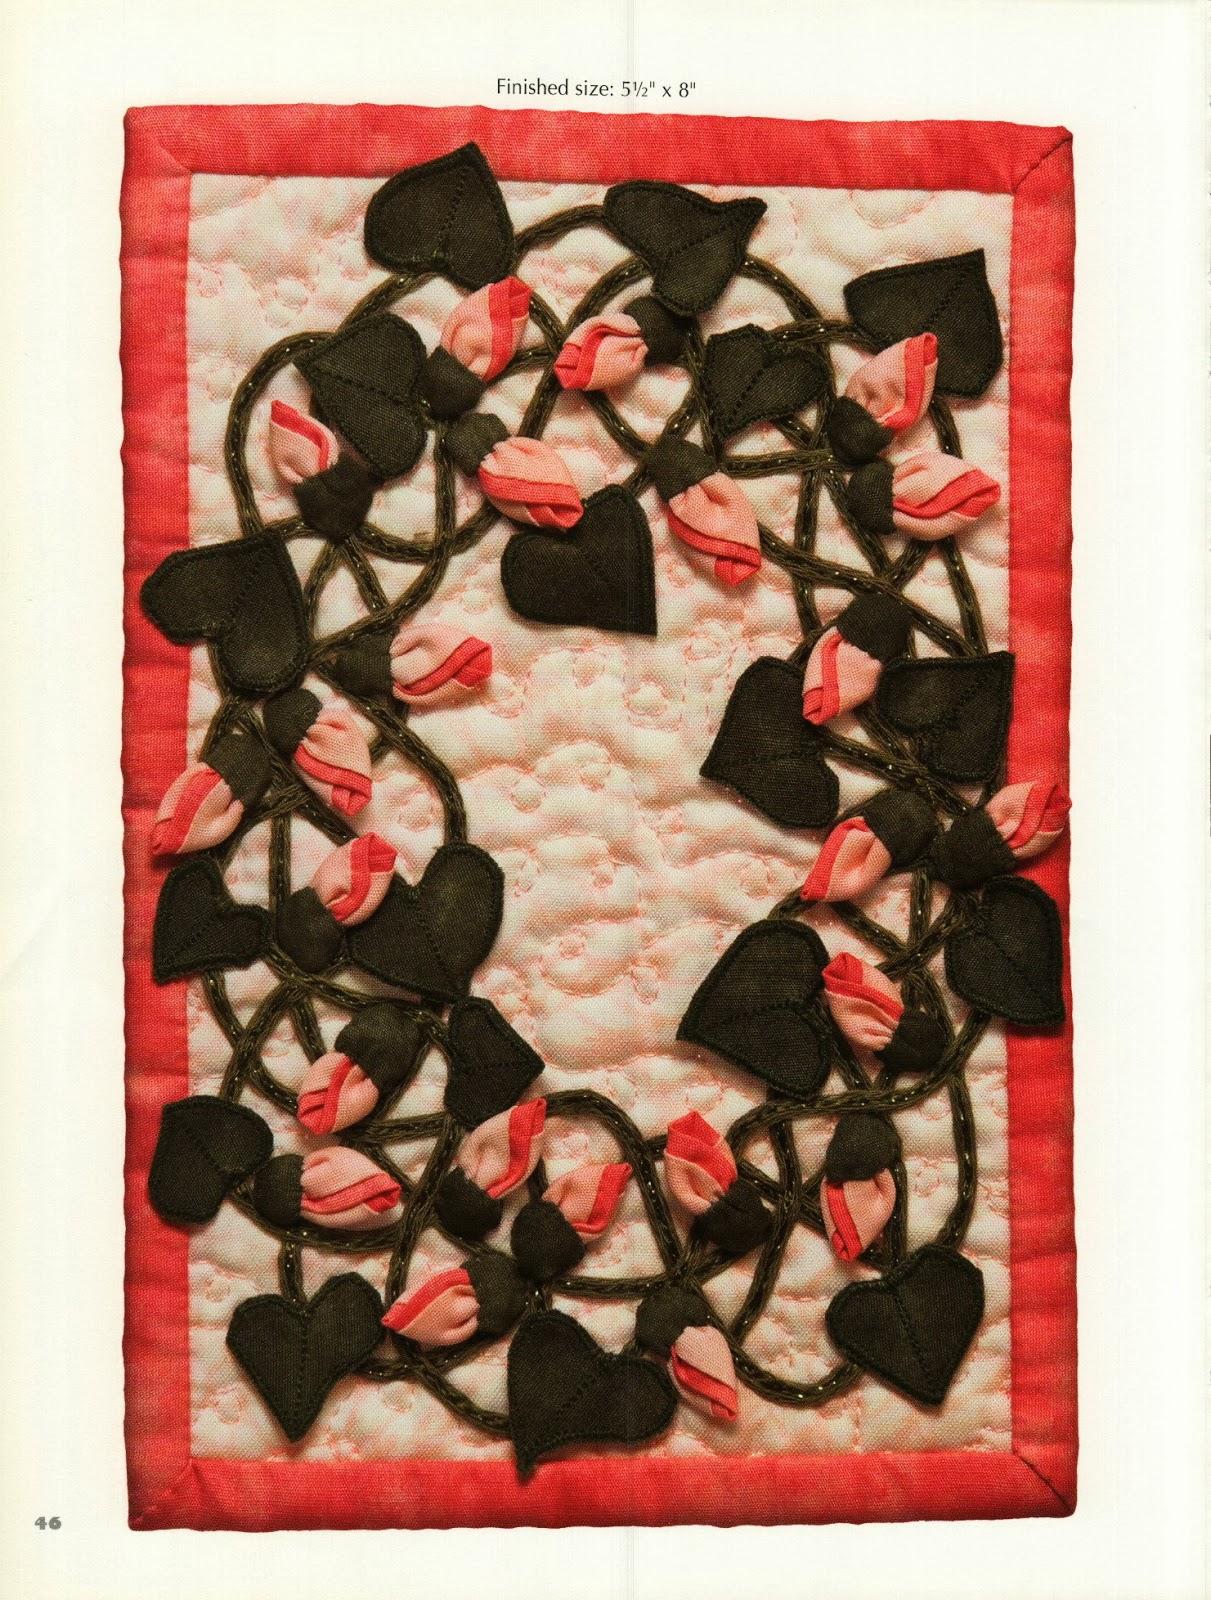 Сказочные цветы из ткани | Fabulous Fabric flowers